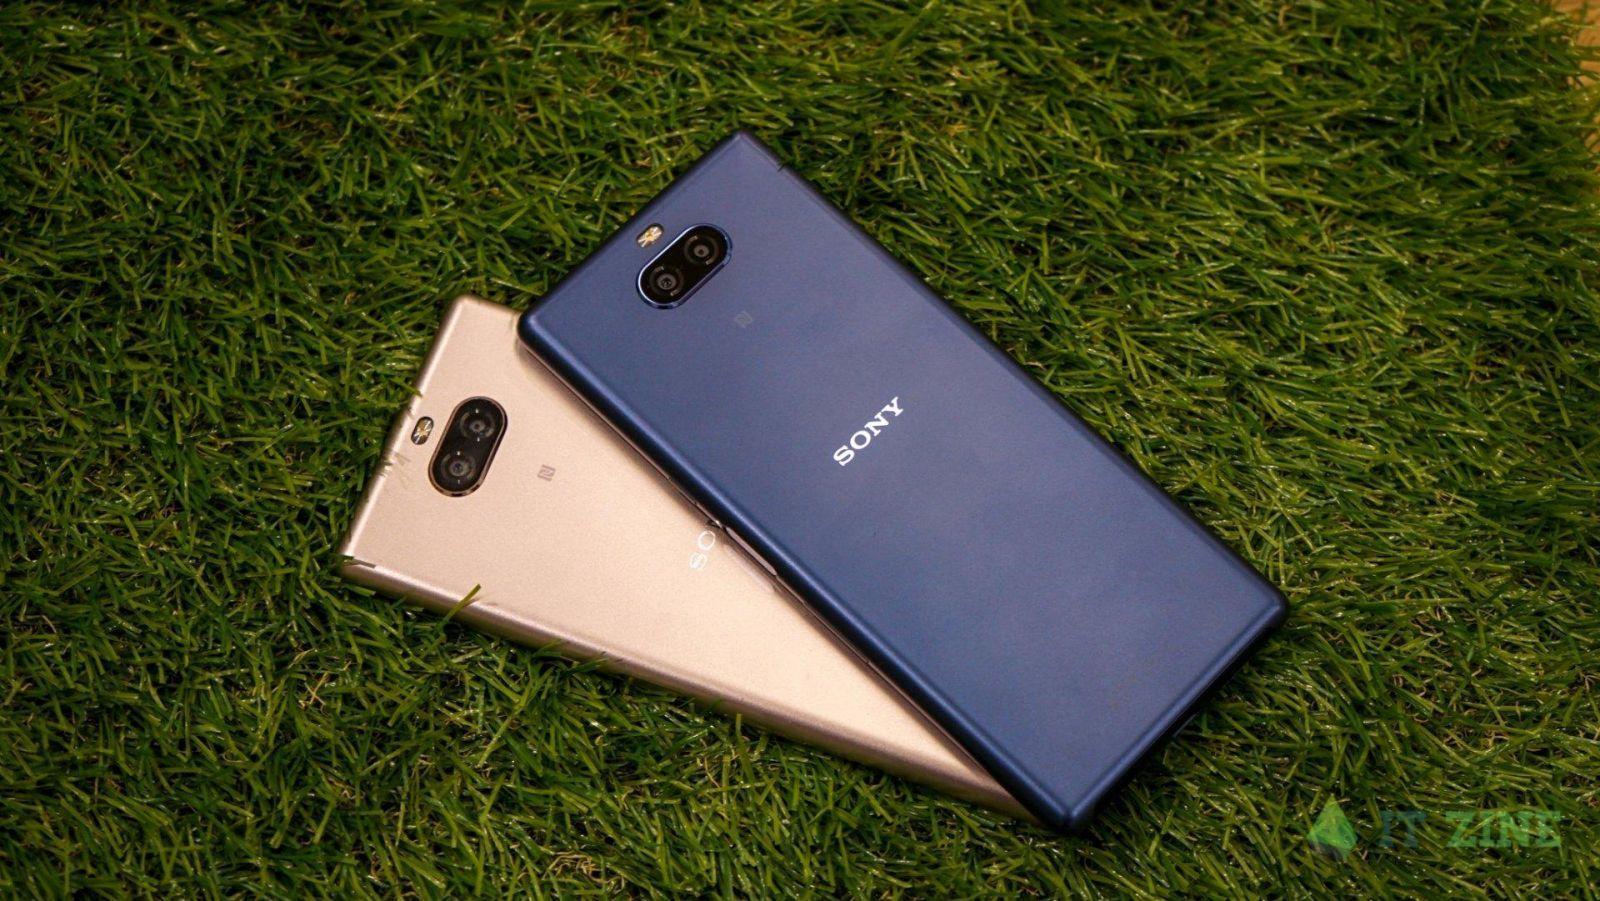 Sony объявила старт продаж смартфонов Xperia 10, Xperia 10 Plus и Xperia L3 в России (dsc05439)